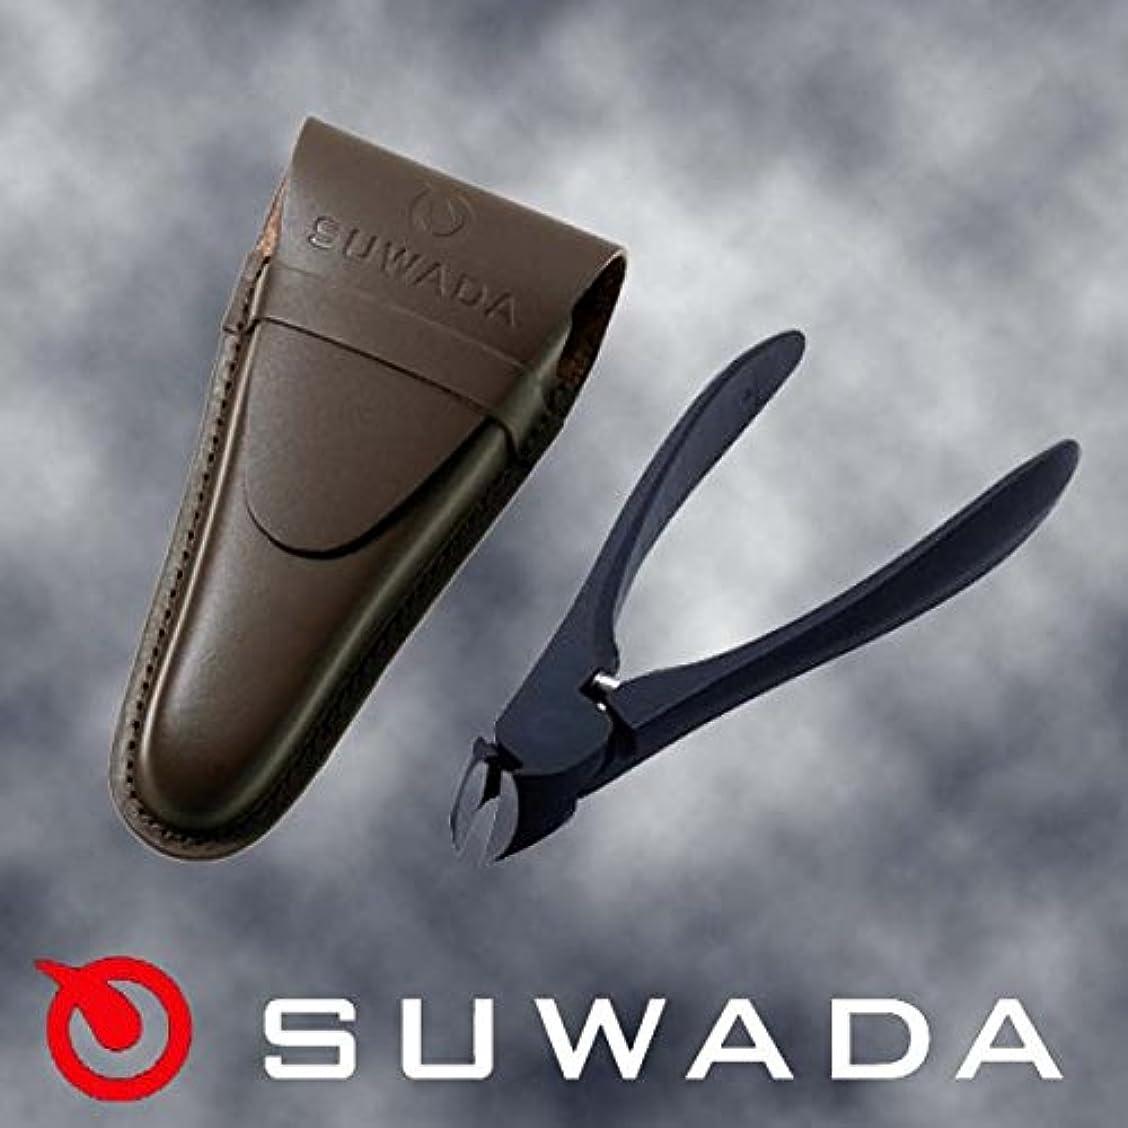 立ち向かうフィードオン証言SUWADA 爪切りブラックS&ブラウン革ケースセット 諏訪田製作所 スワダ爪切り